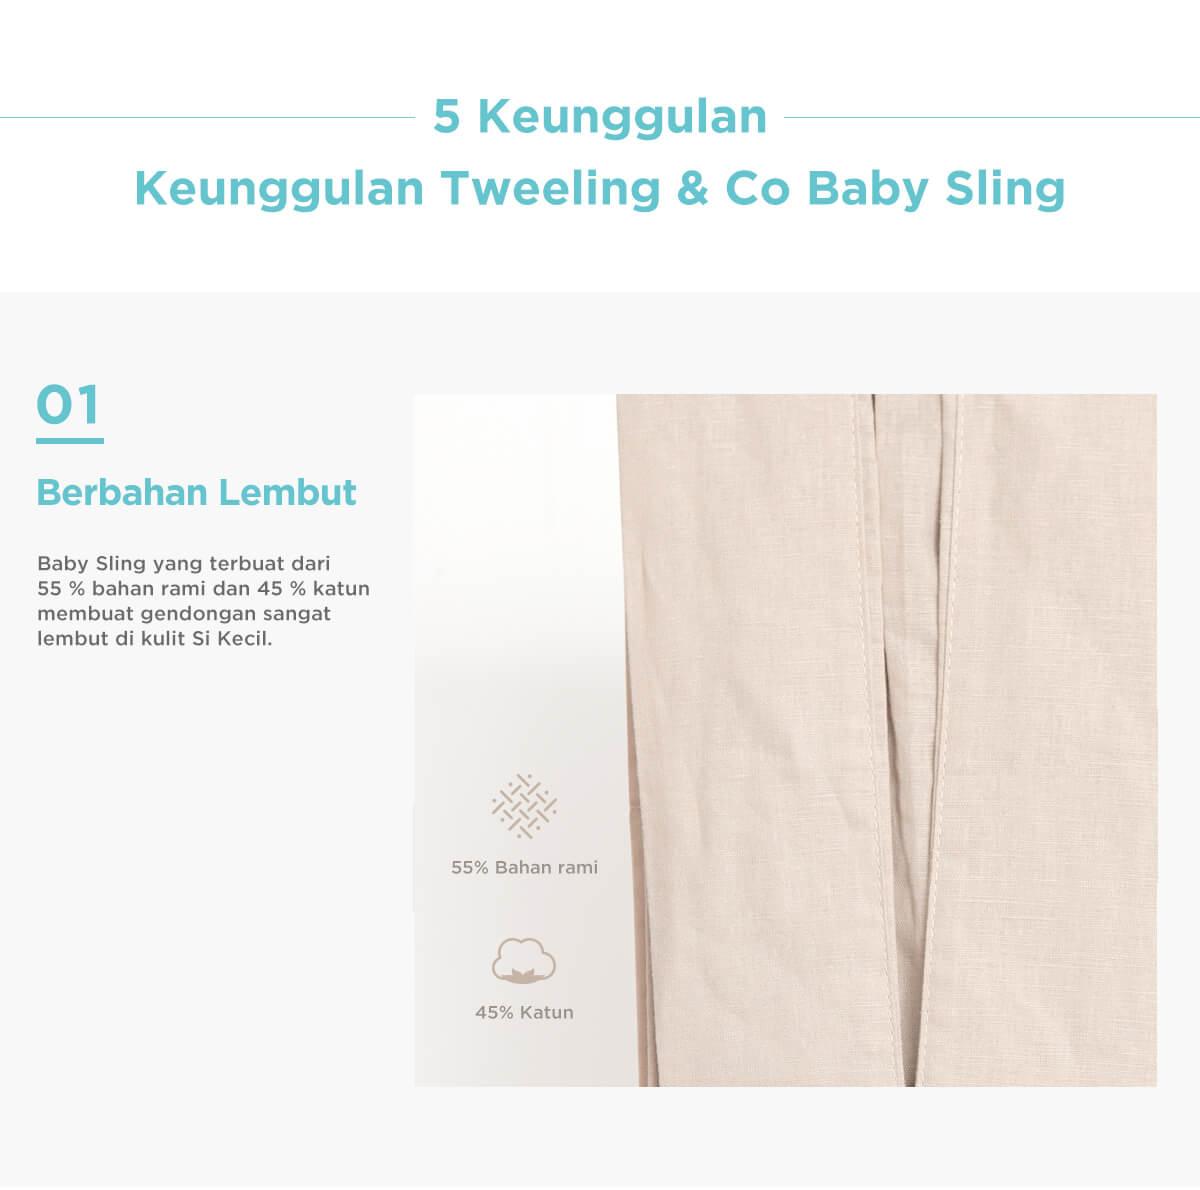 keunggulan gendongan bayi tweeling bahan lembut